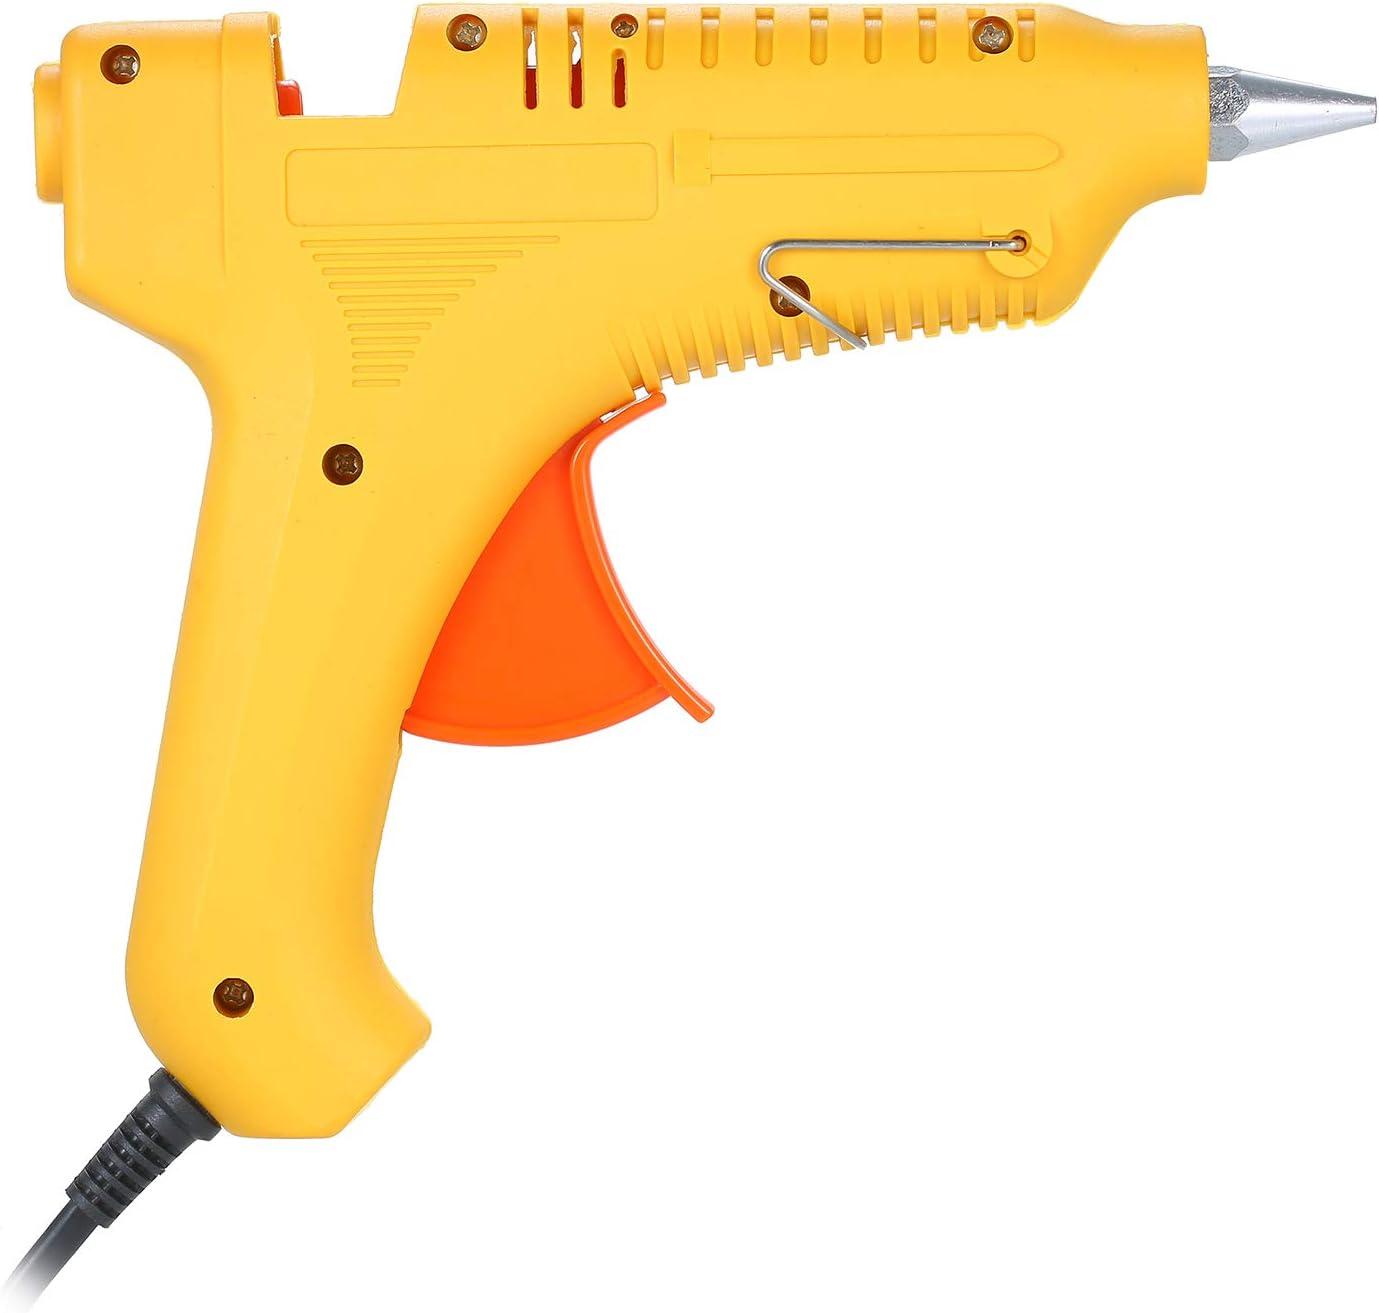 Hei/ßklebepistole 60 Watt 100 Watt Leistung Einstellbar Hei/ßklebemaschine Multifunktionale Industrielle Haushalt DIY Klebepistole Gelb GT-10